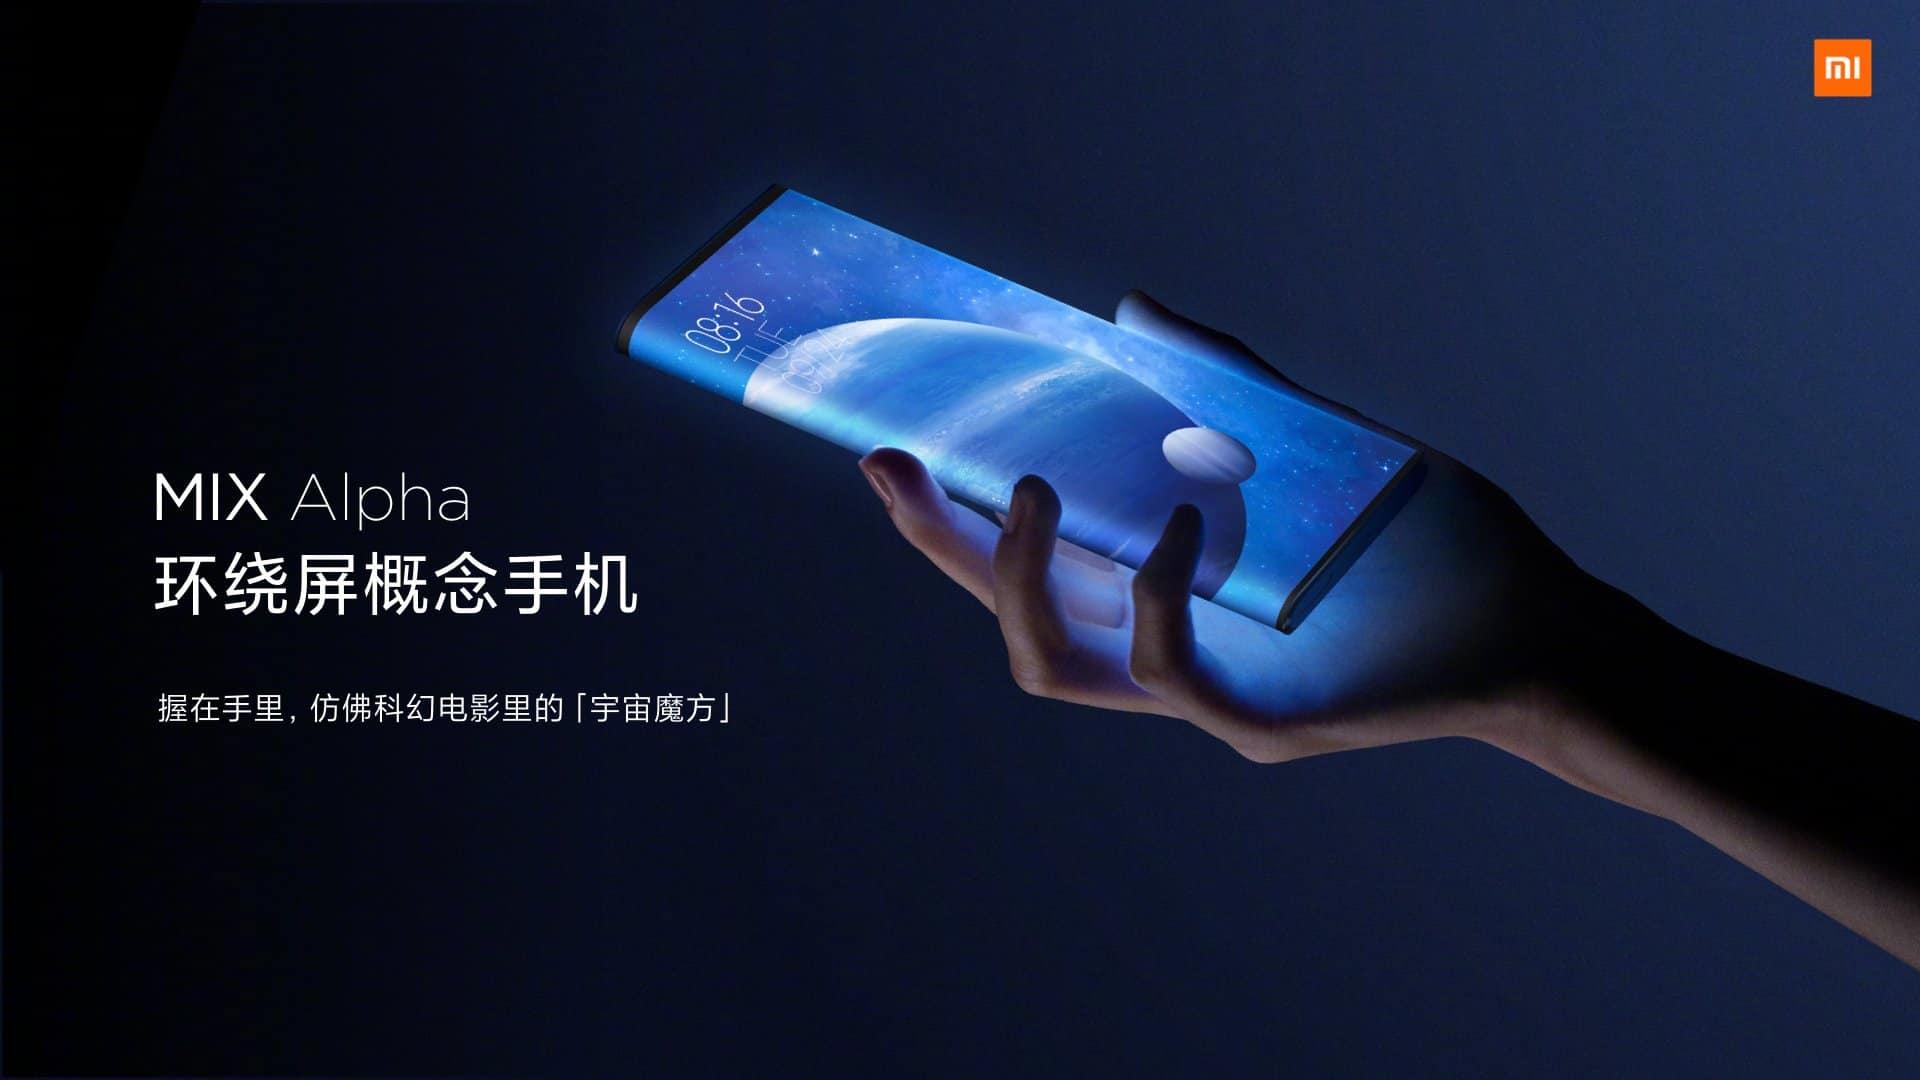 Xiaomi Mi MIX Alpha official image 6